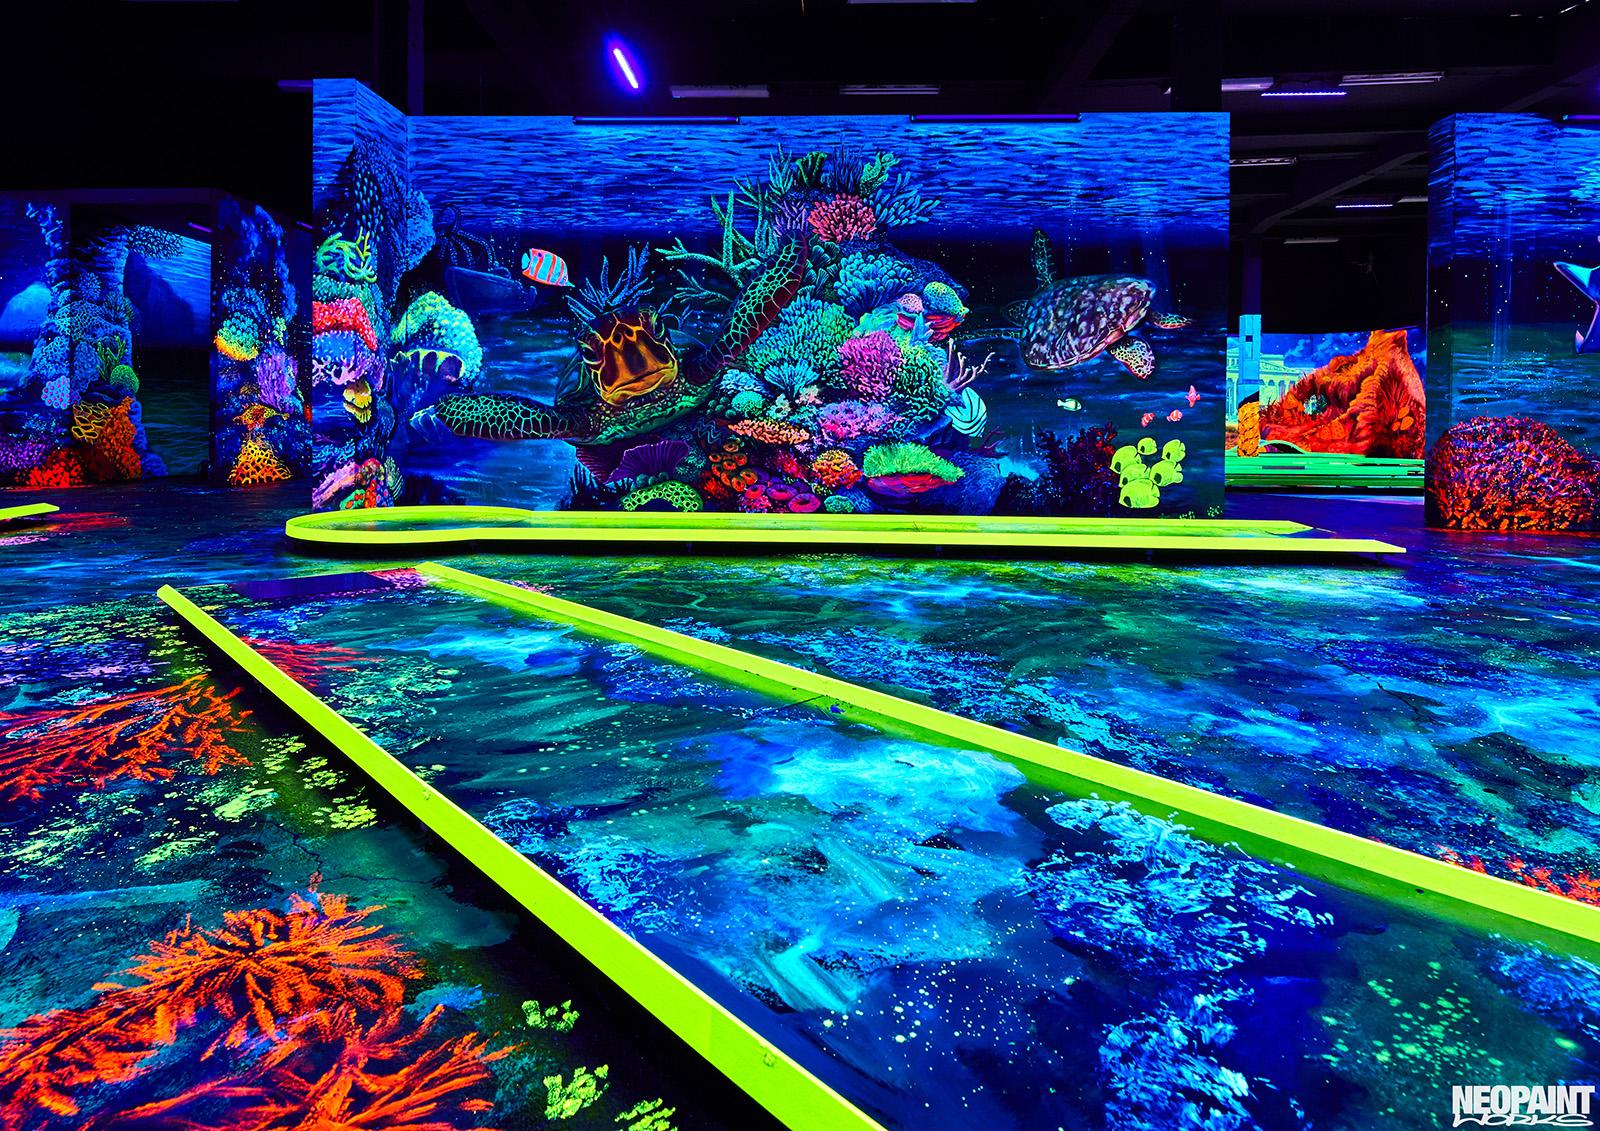 UV falfestés - UV - világító festés - neopaint works